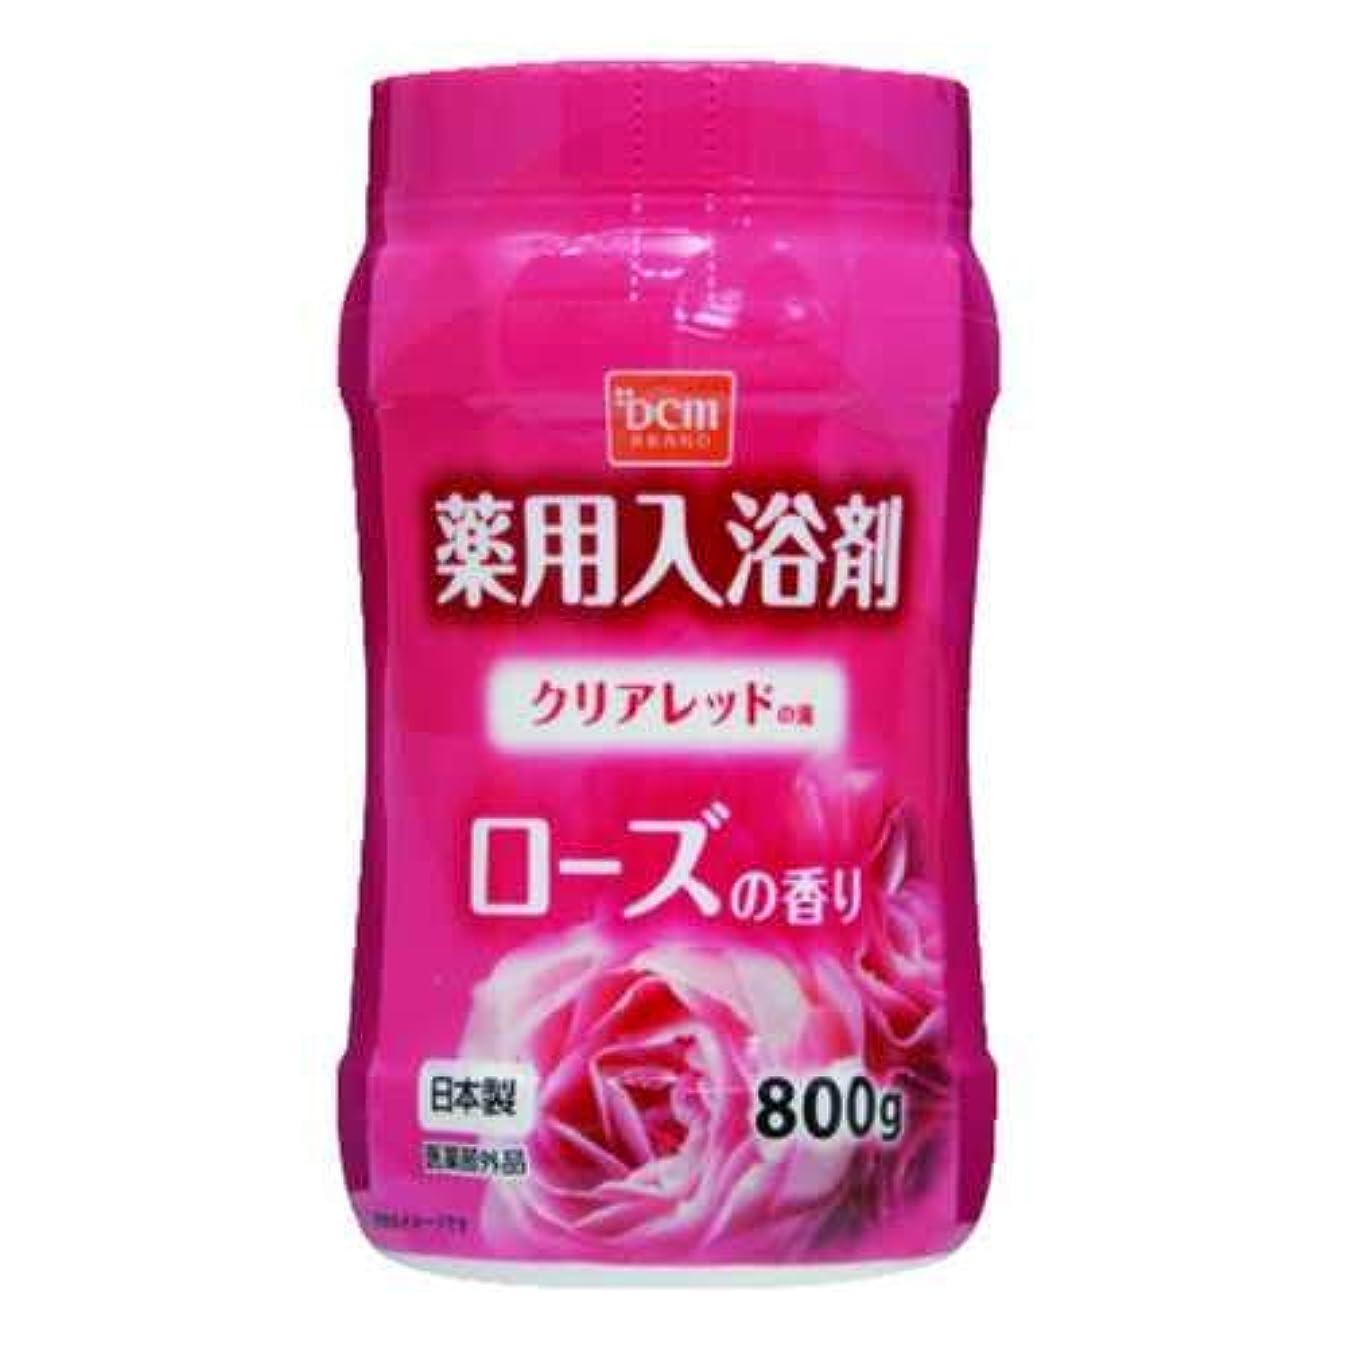 参照承認蚊DCM薬用入浴剤 ローズ 800G